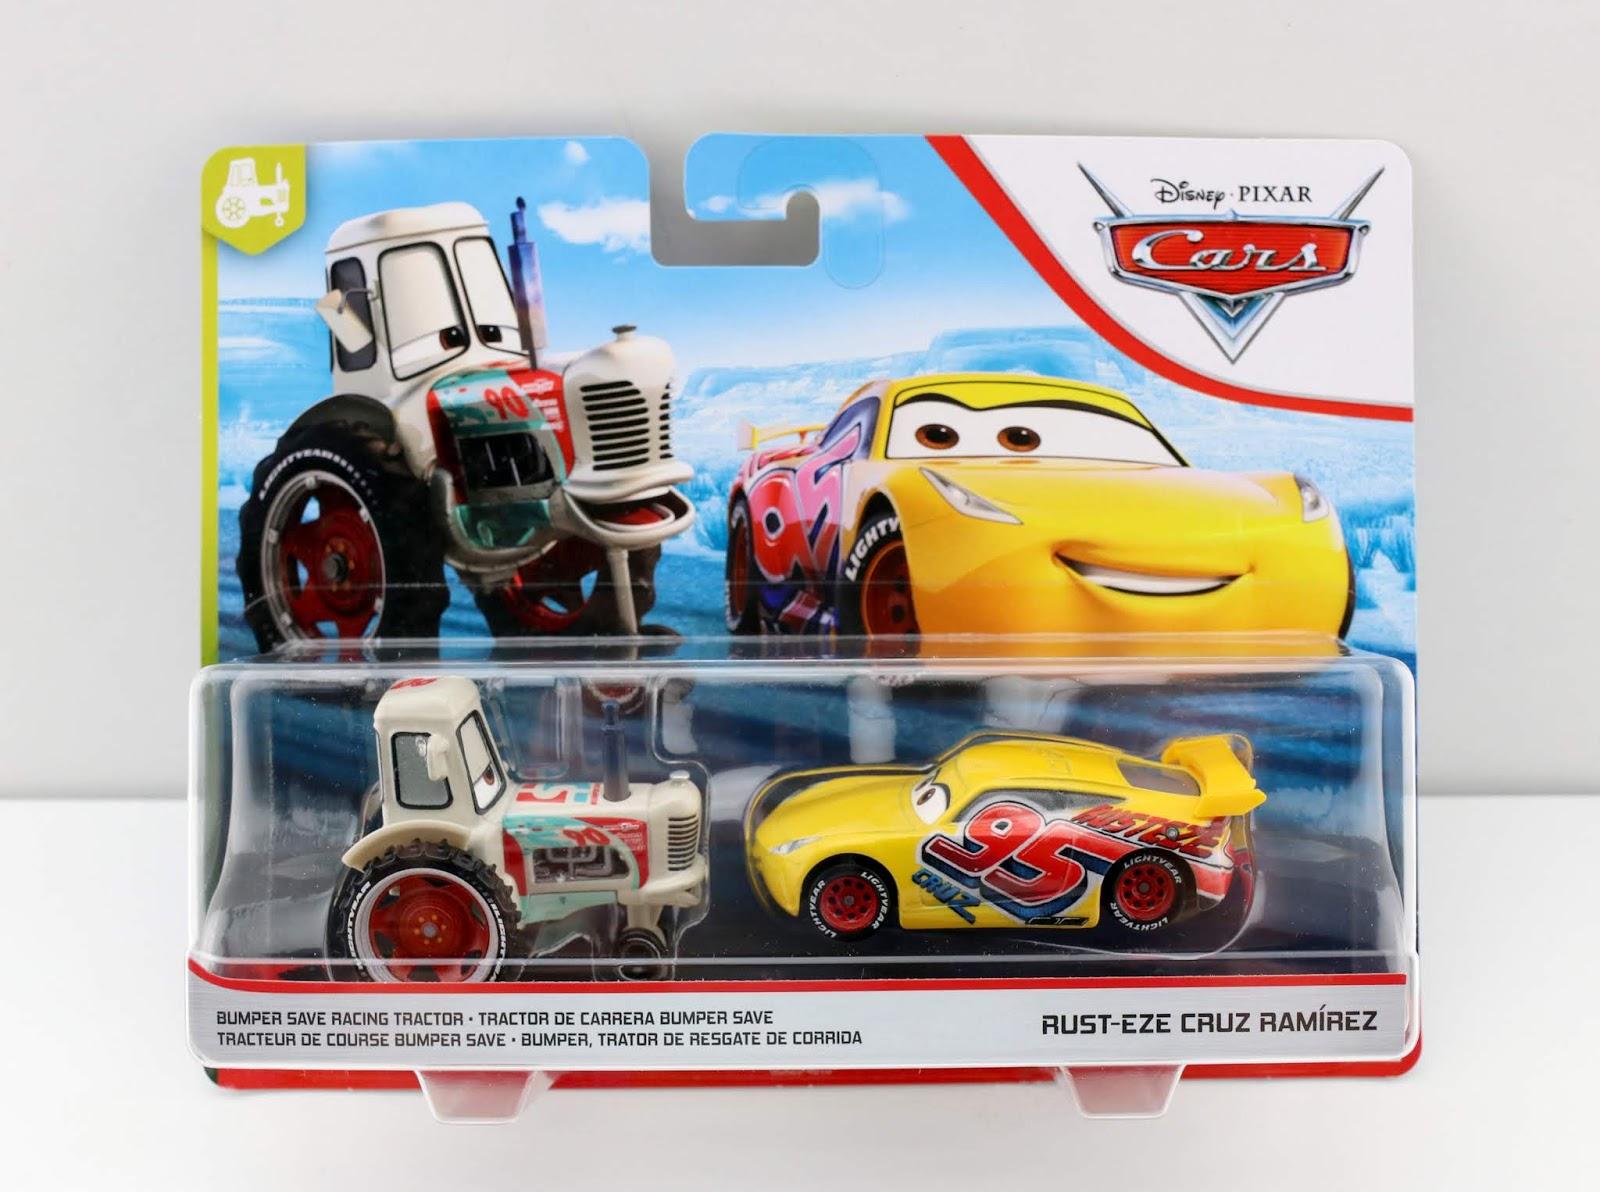 Cars 3 Bumper Save Racing Tractor & Rust-Eze Cruz Ramirez